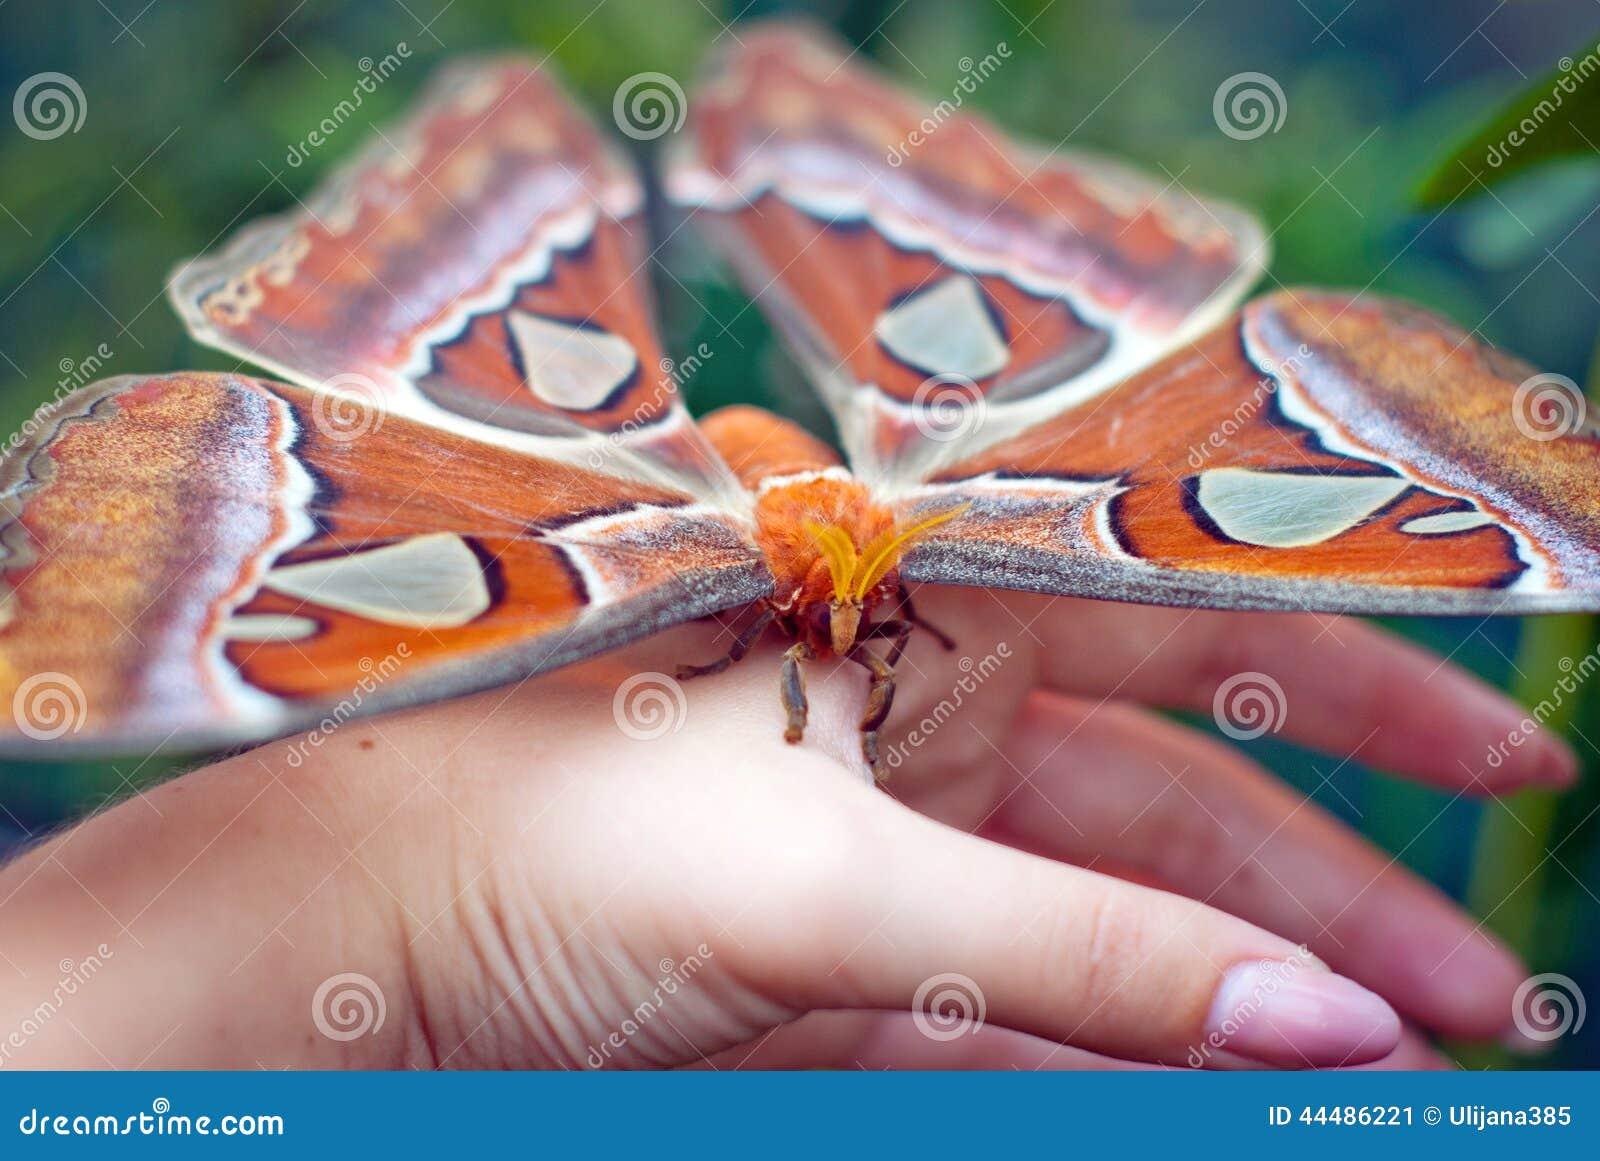 Den tropiska fjärilen sitter på en hand